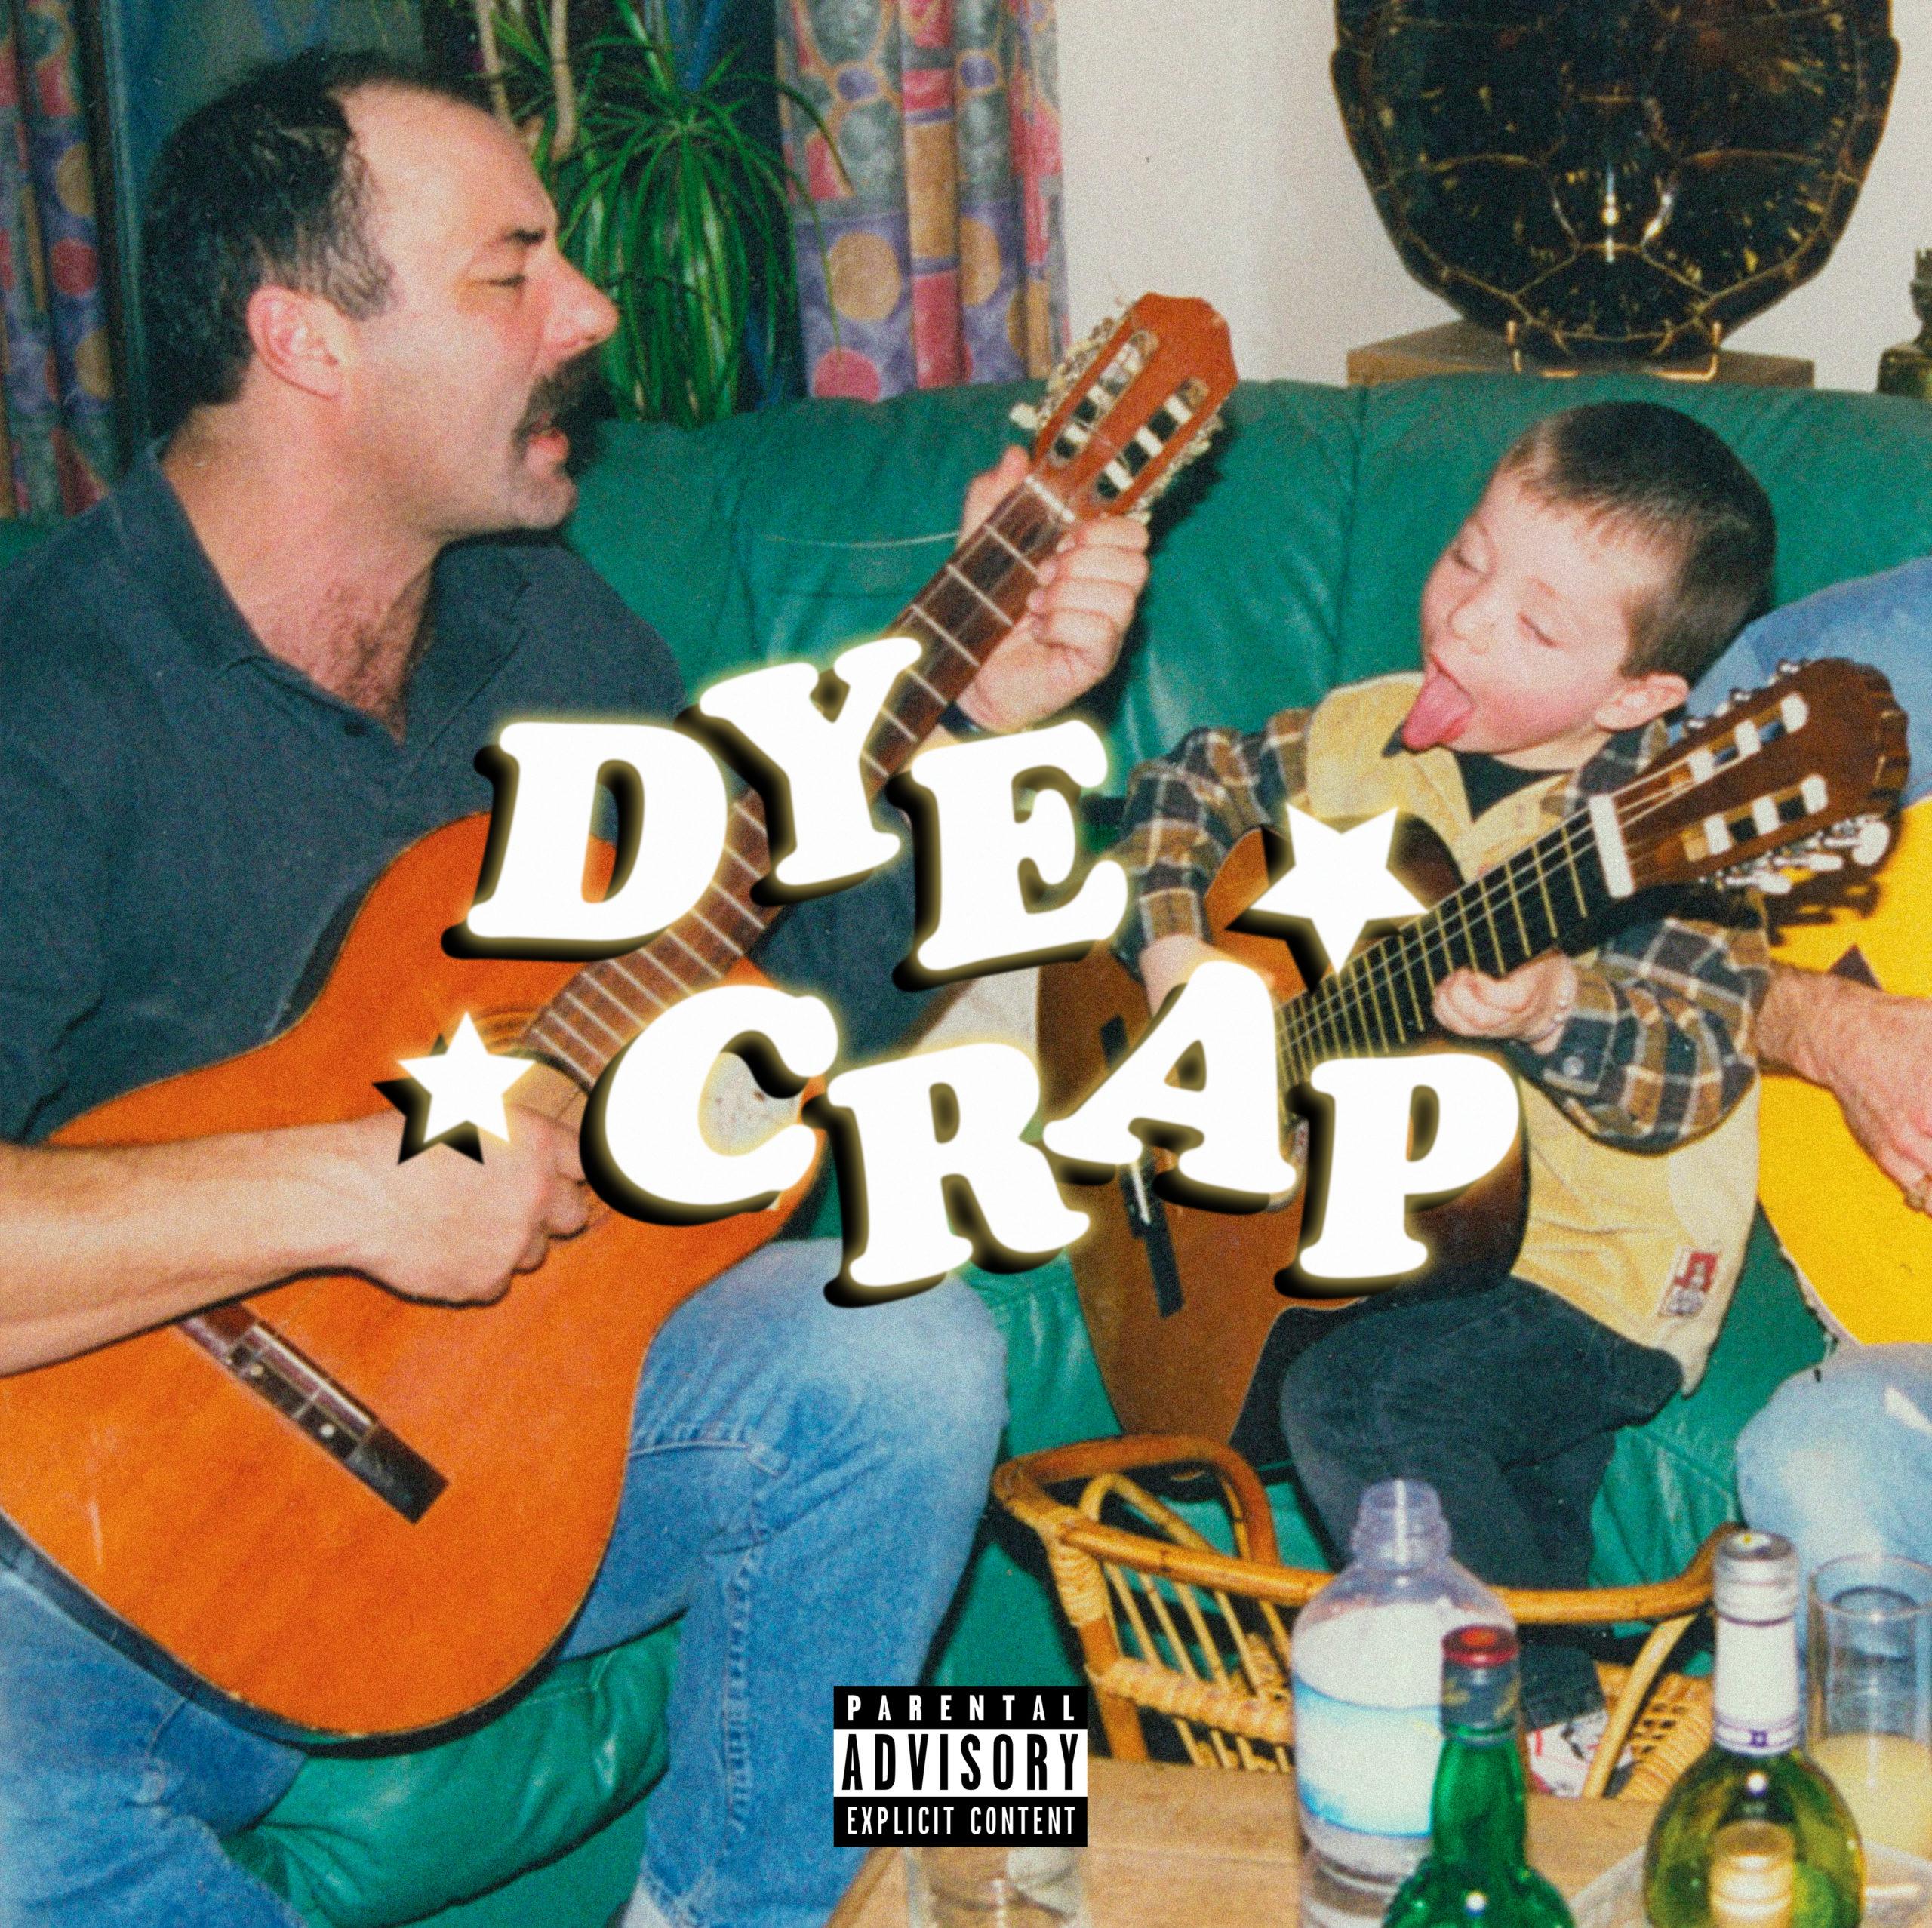 DYE CRAP – DYE CRAP